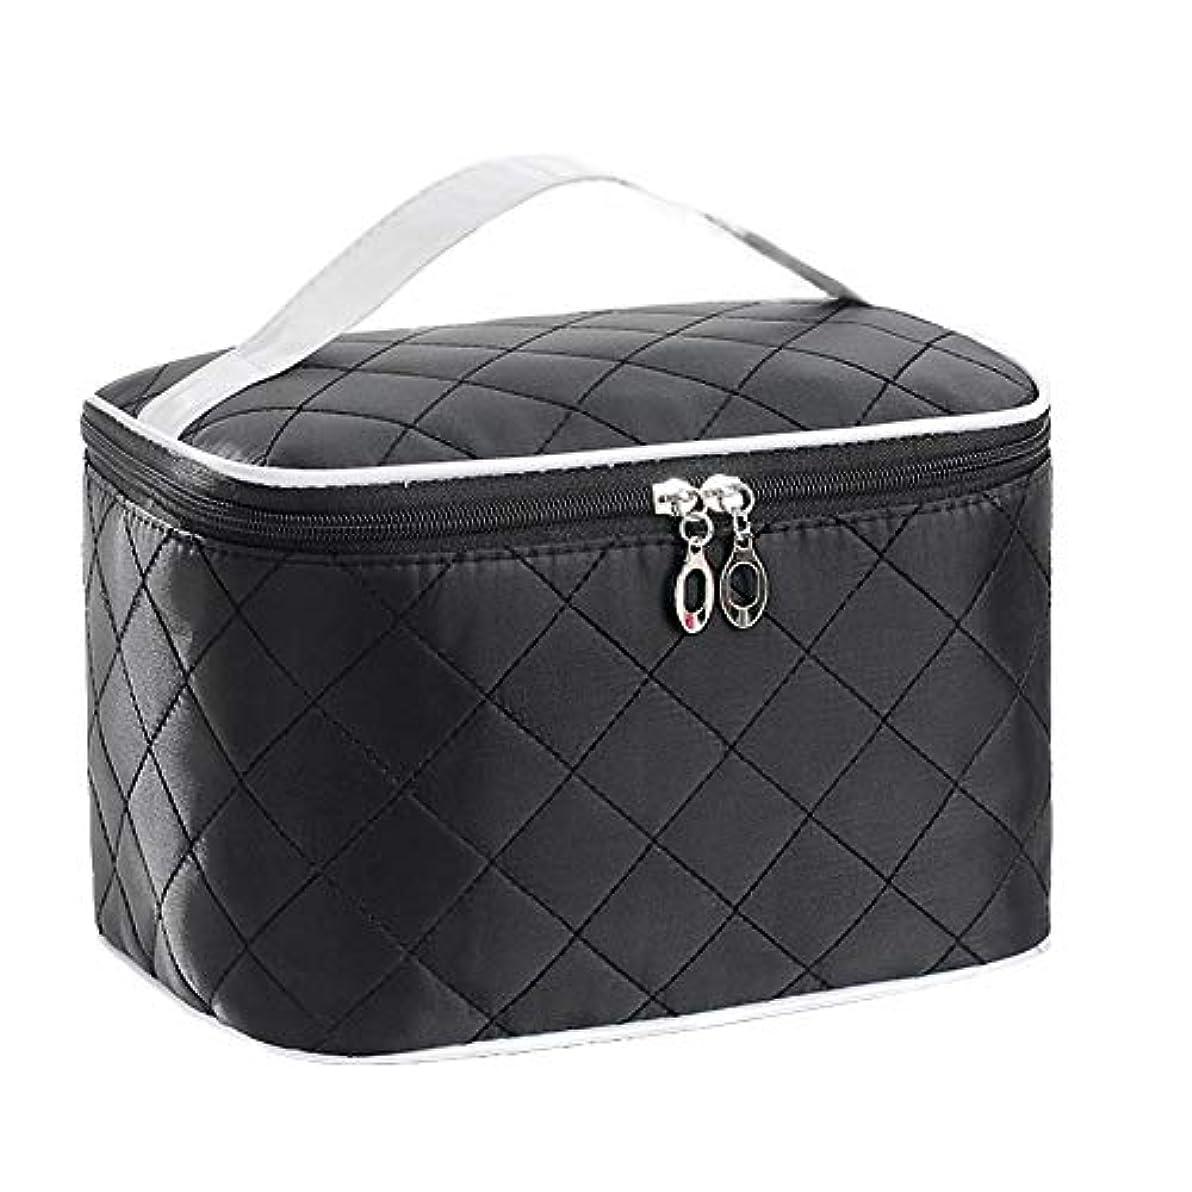 すべてスマイル光特大スペース収納ビューティーボックス 女の子の女性旅行のための新しく、実用的な携帯用化粧箱およびロックおよび皿が付いている毎日の貯蔵 化粧品化粧台 (色 : ブラック)